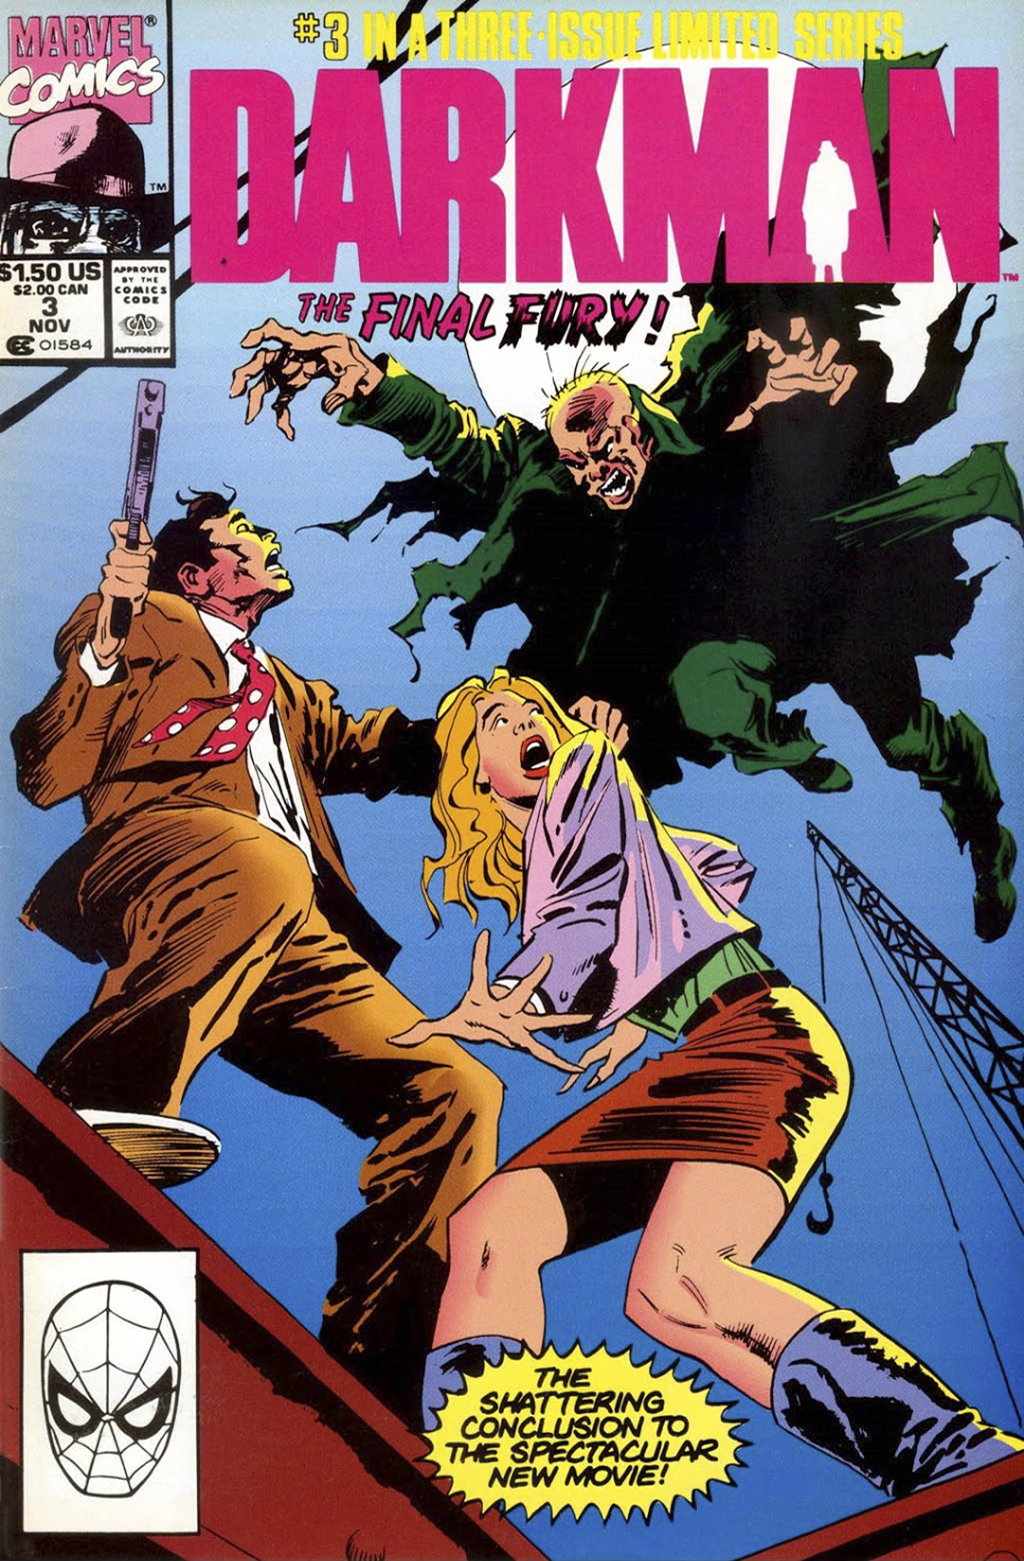 File:Darkman 1990 comic -3.jpg